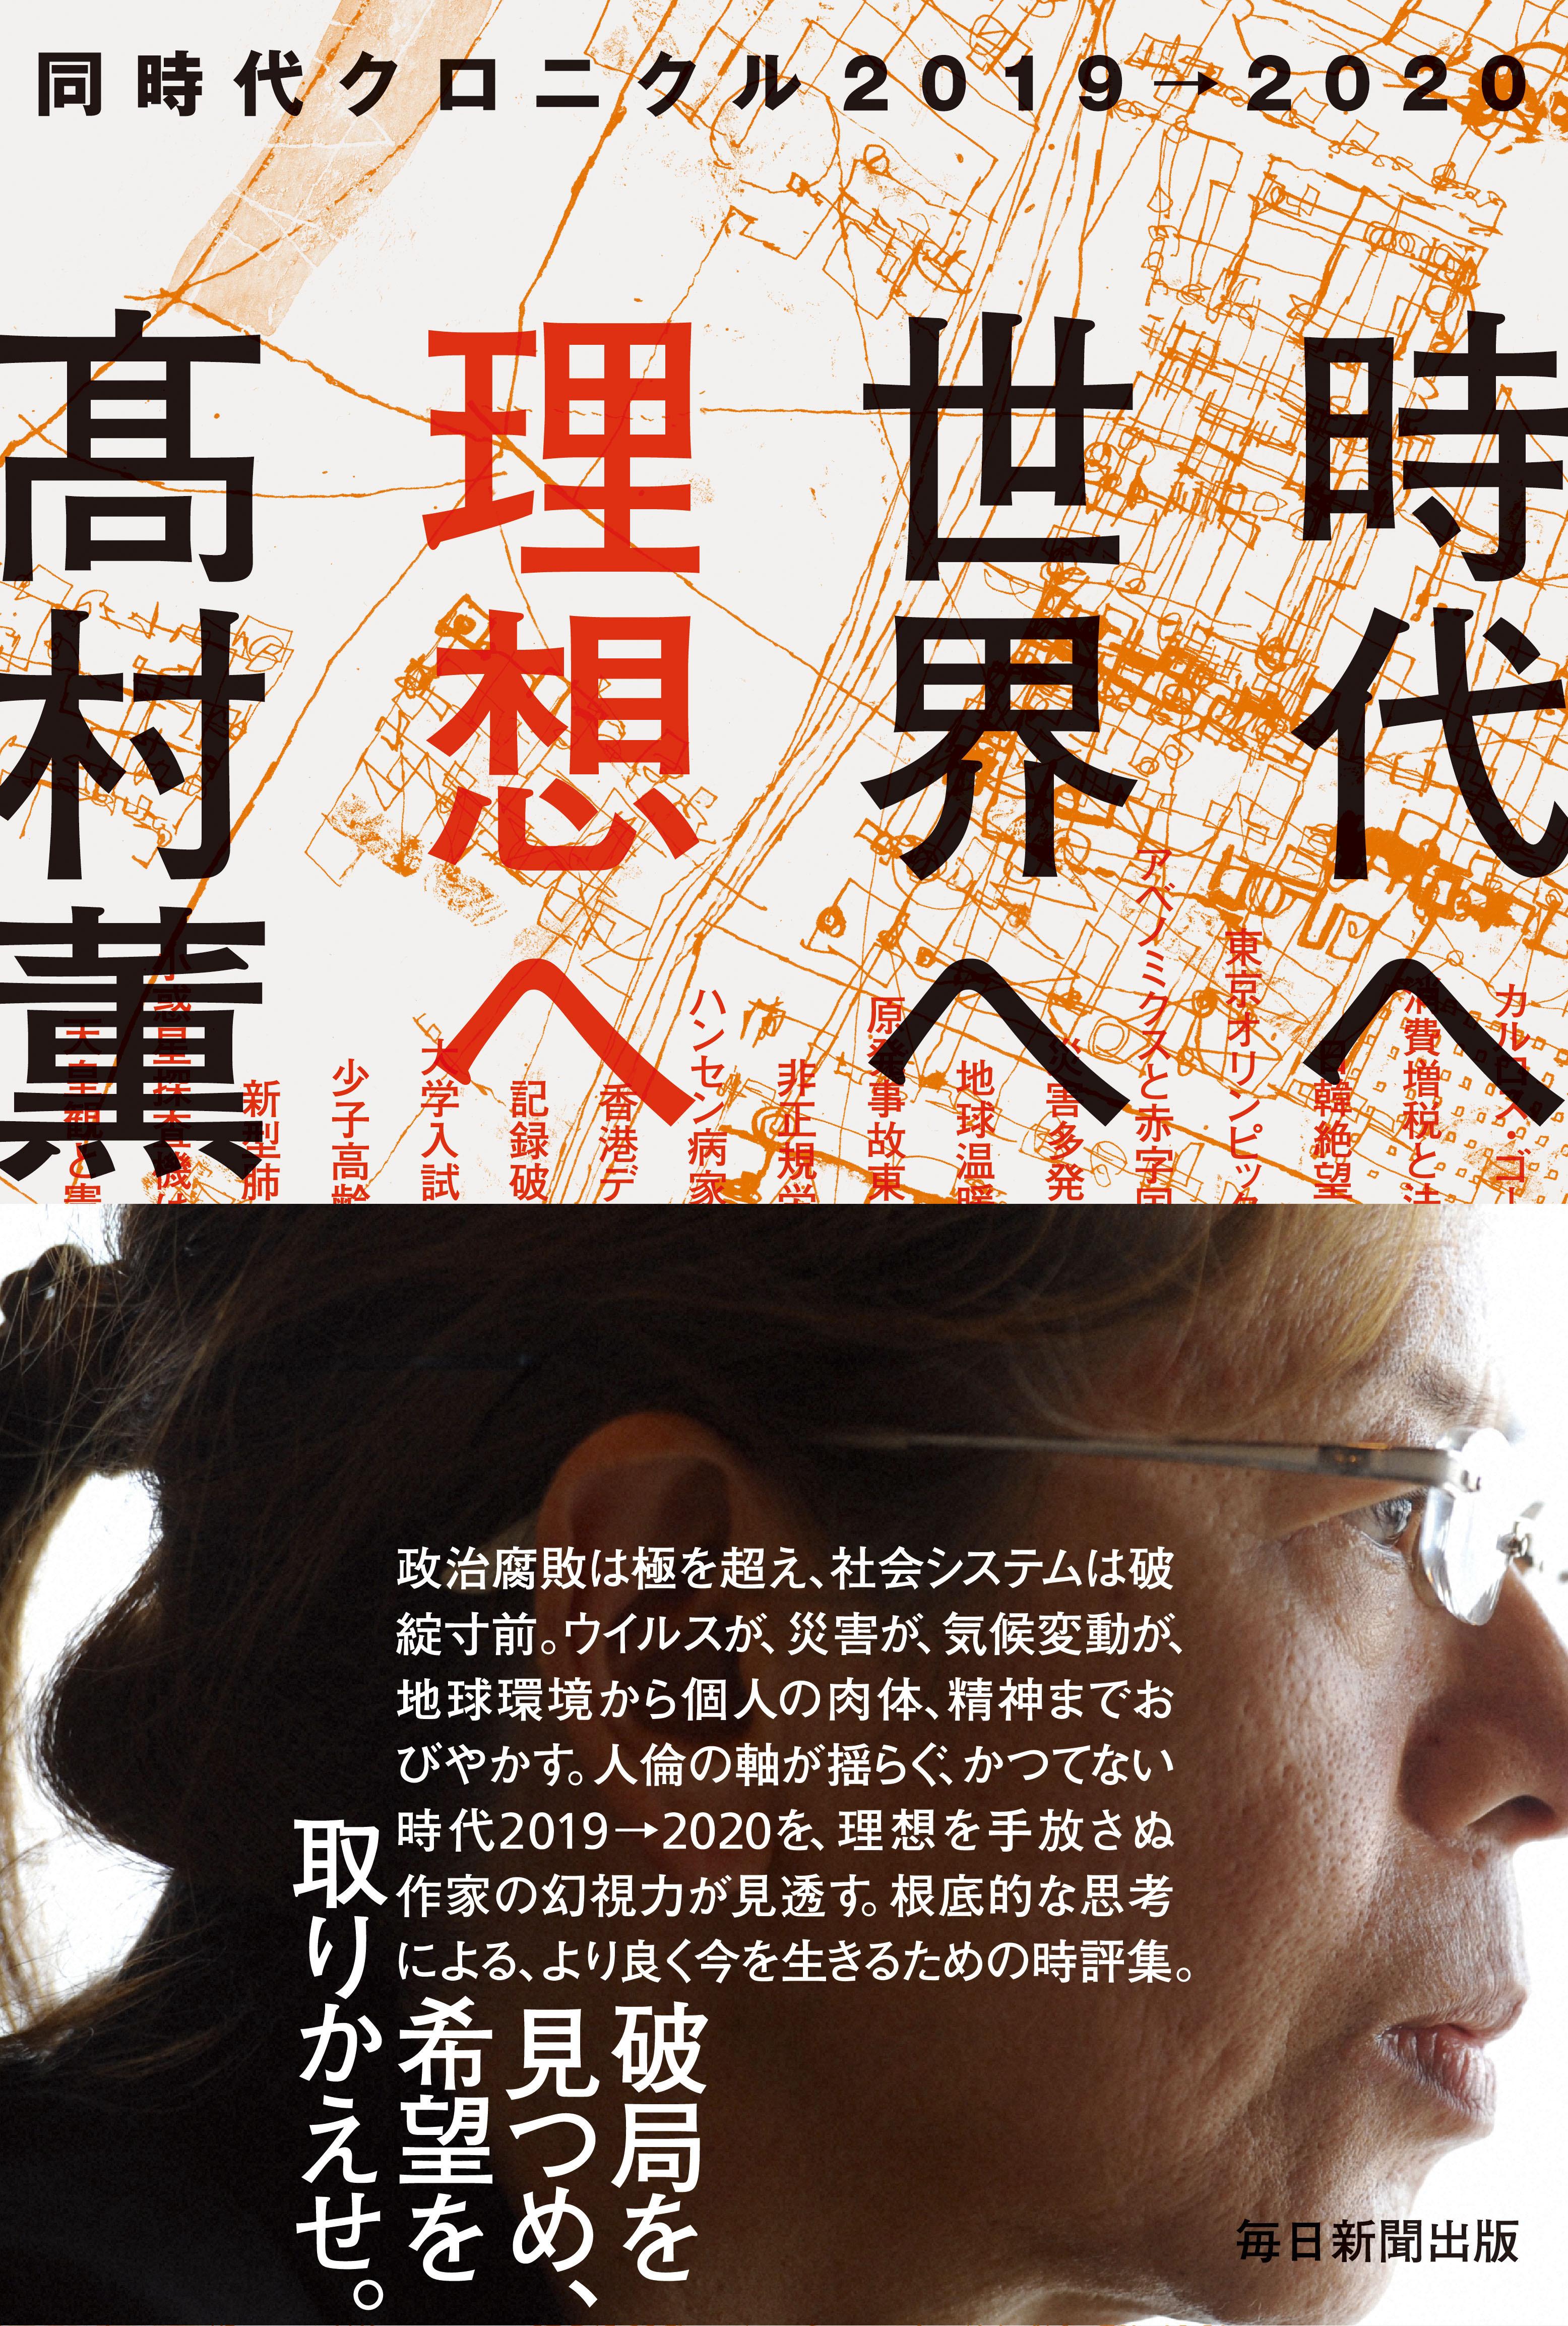 書影:時代へ、世界へ、理想へ 同時代クロニクル2019→2020